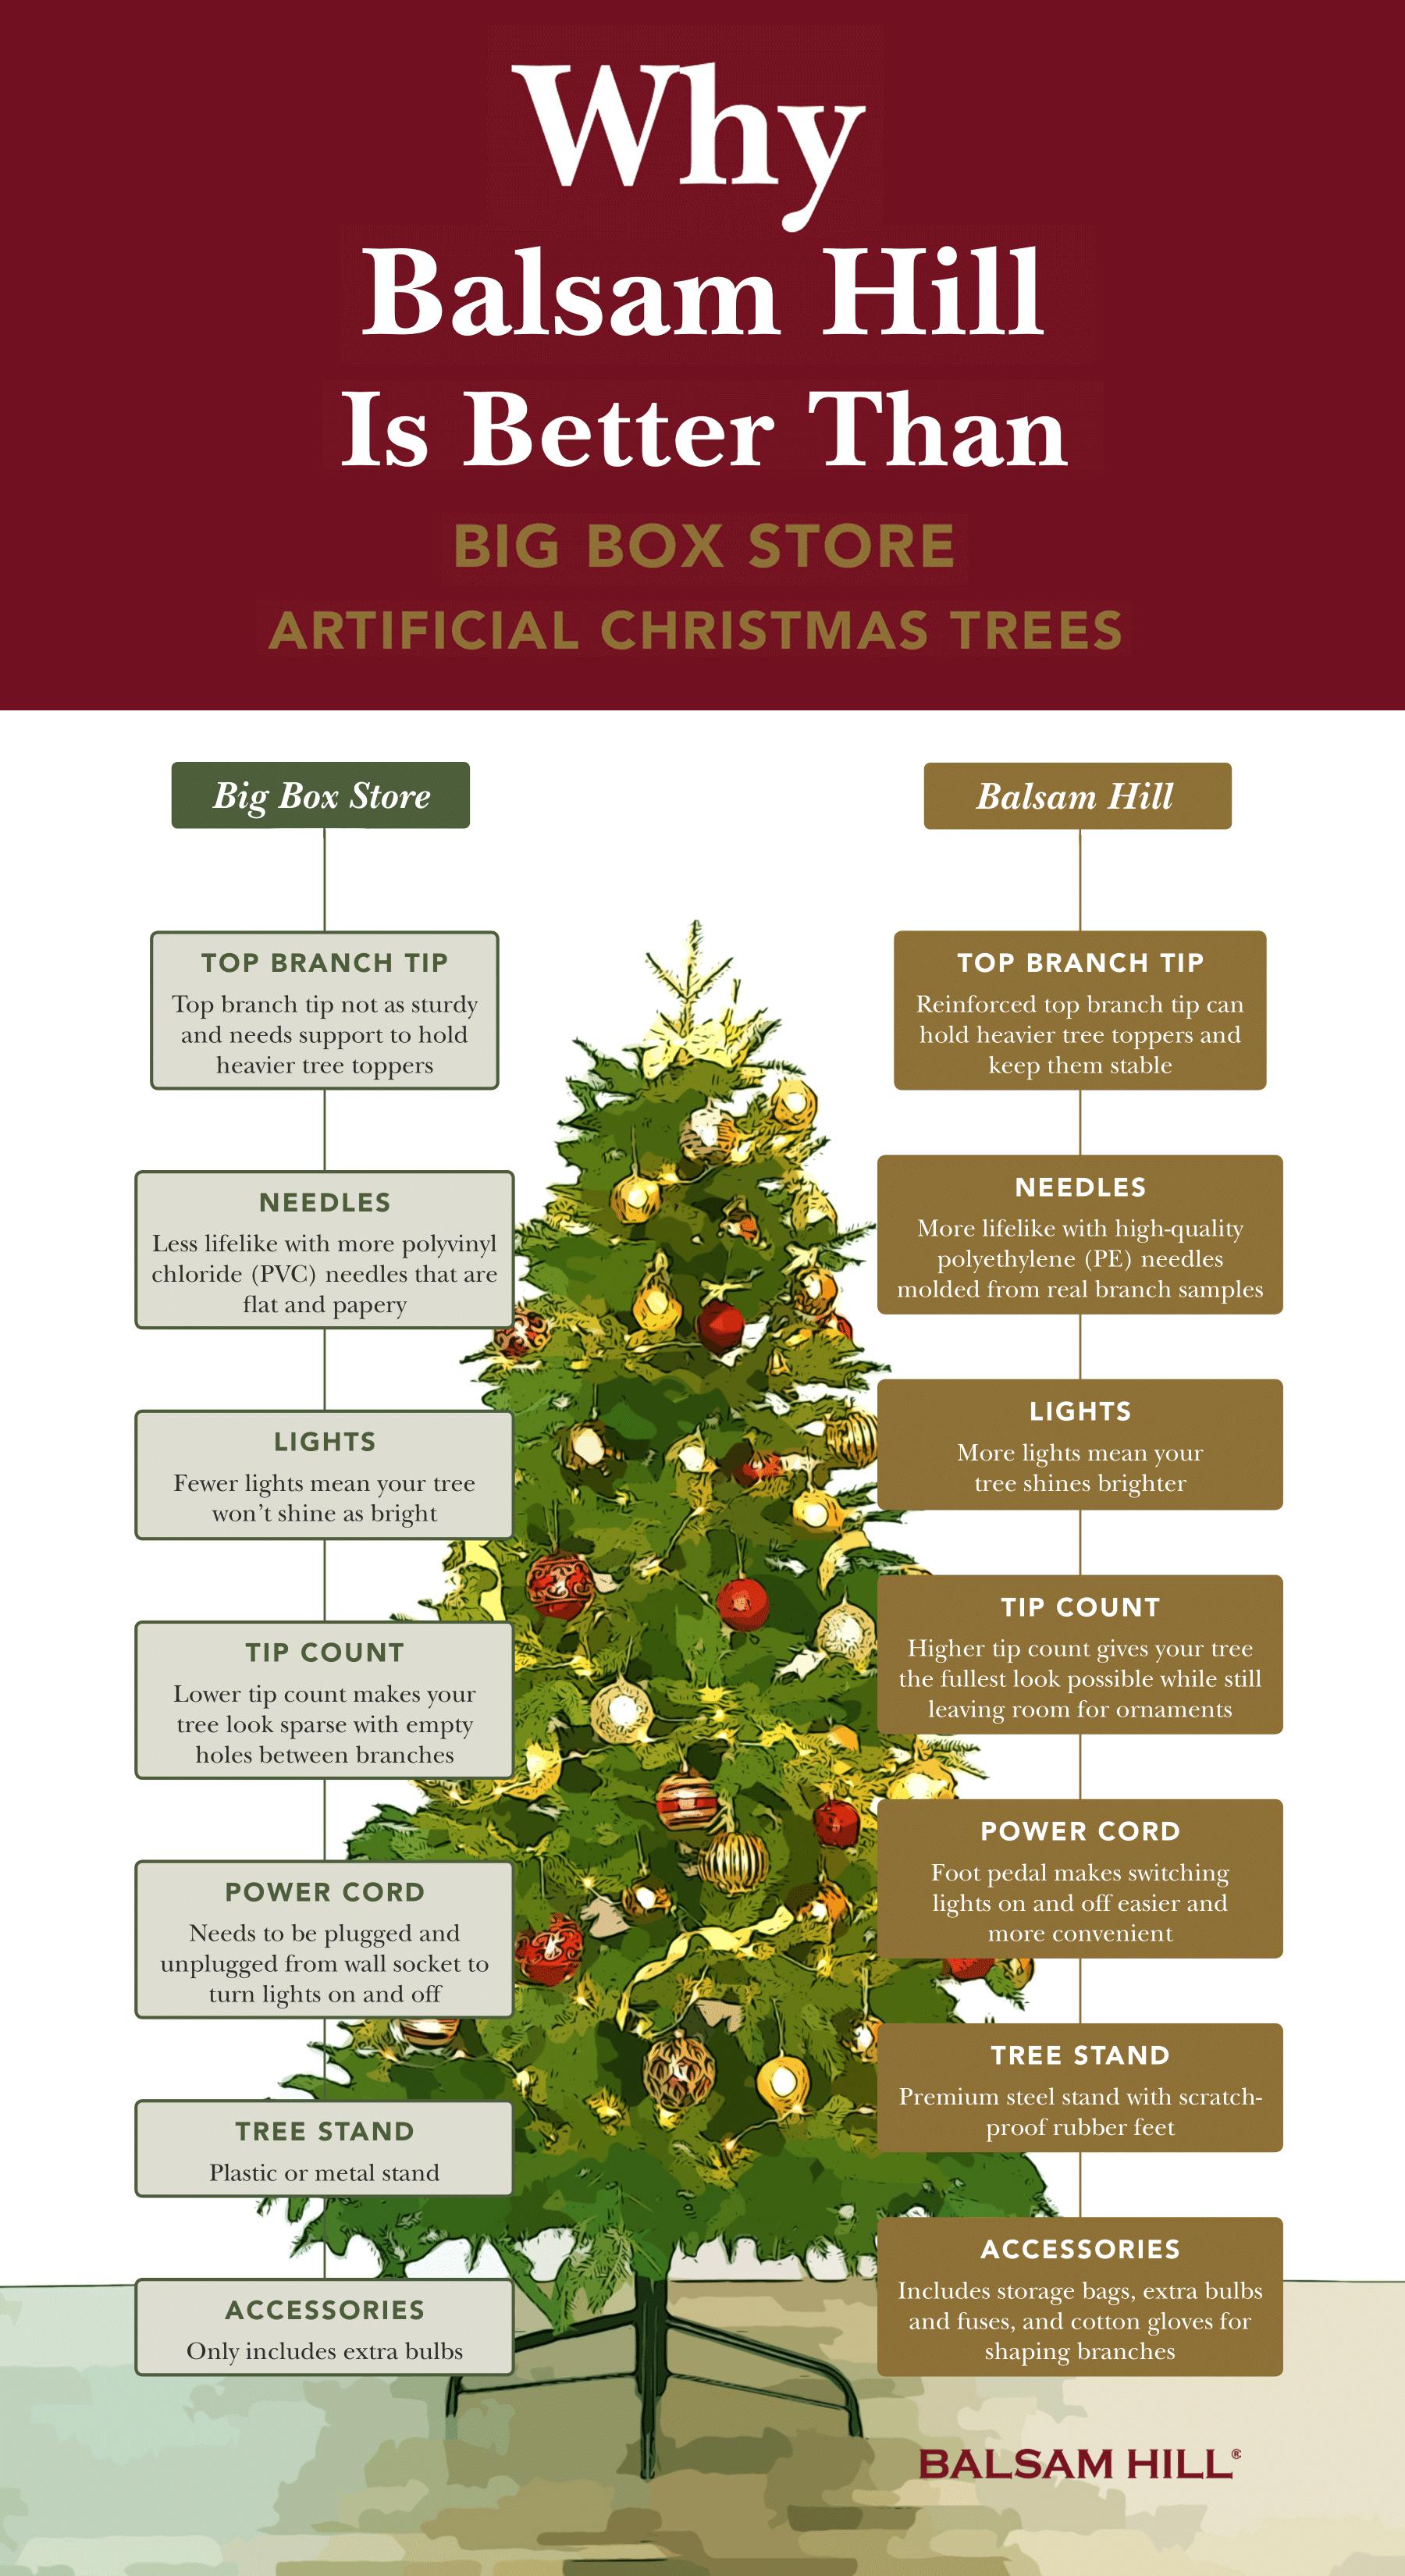 Christmas Tree Review Big Box Store Trees Vs Balsam Hill Trees Balsam Hill Trees Balsam Hill Christmas Tree